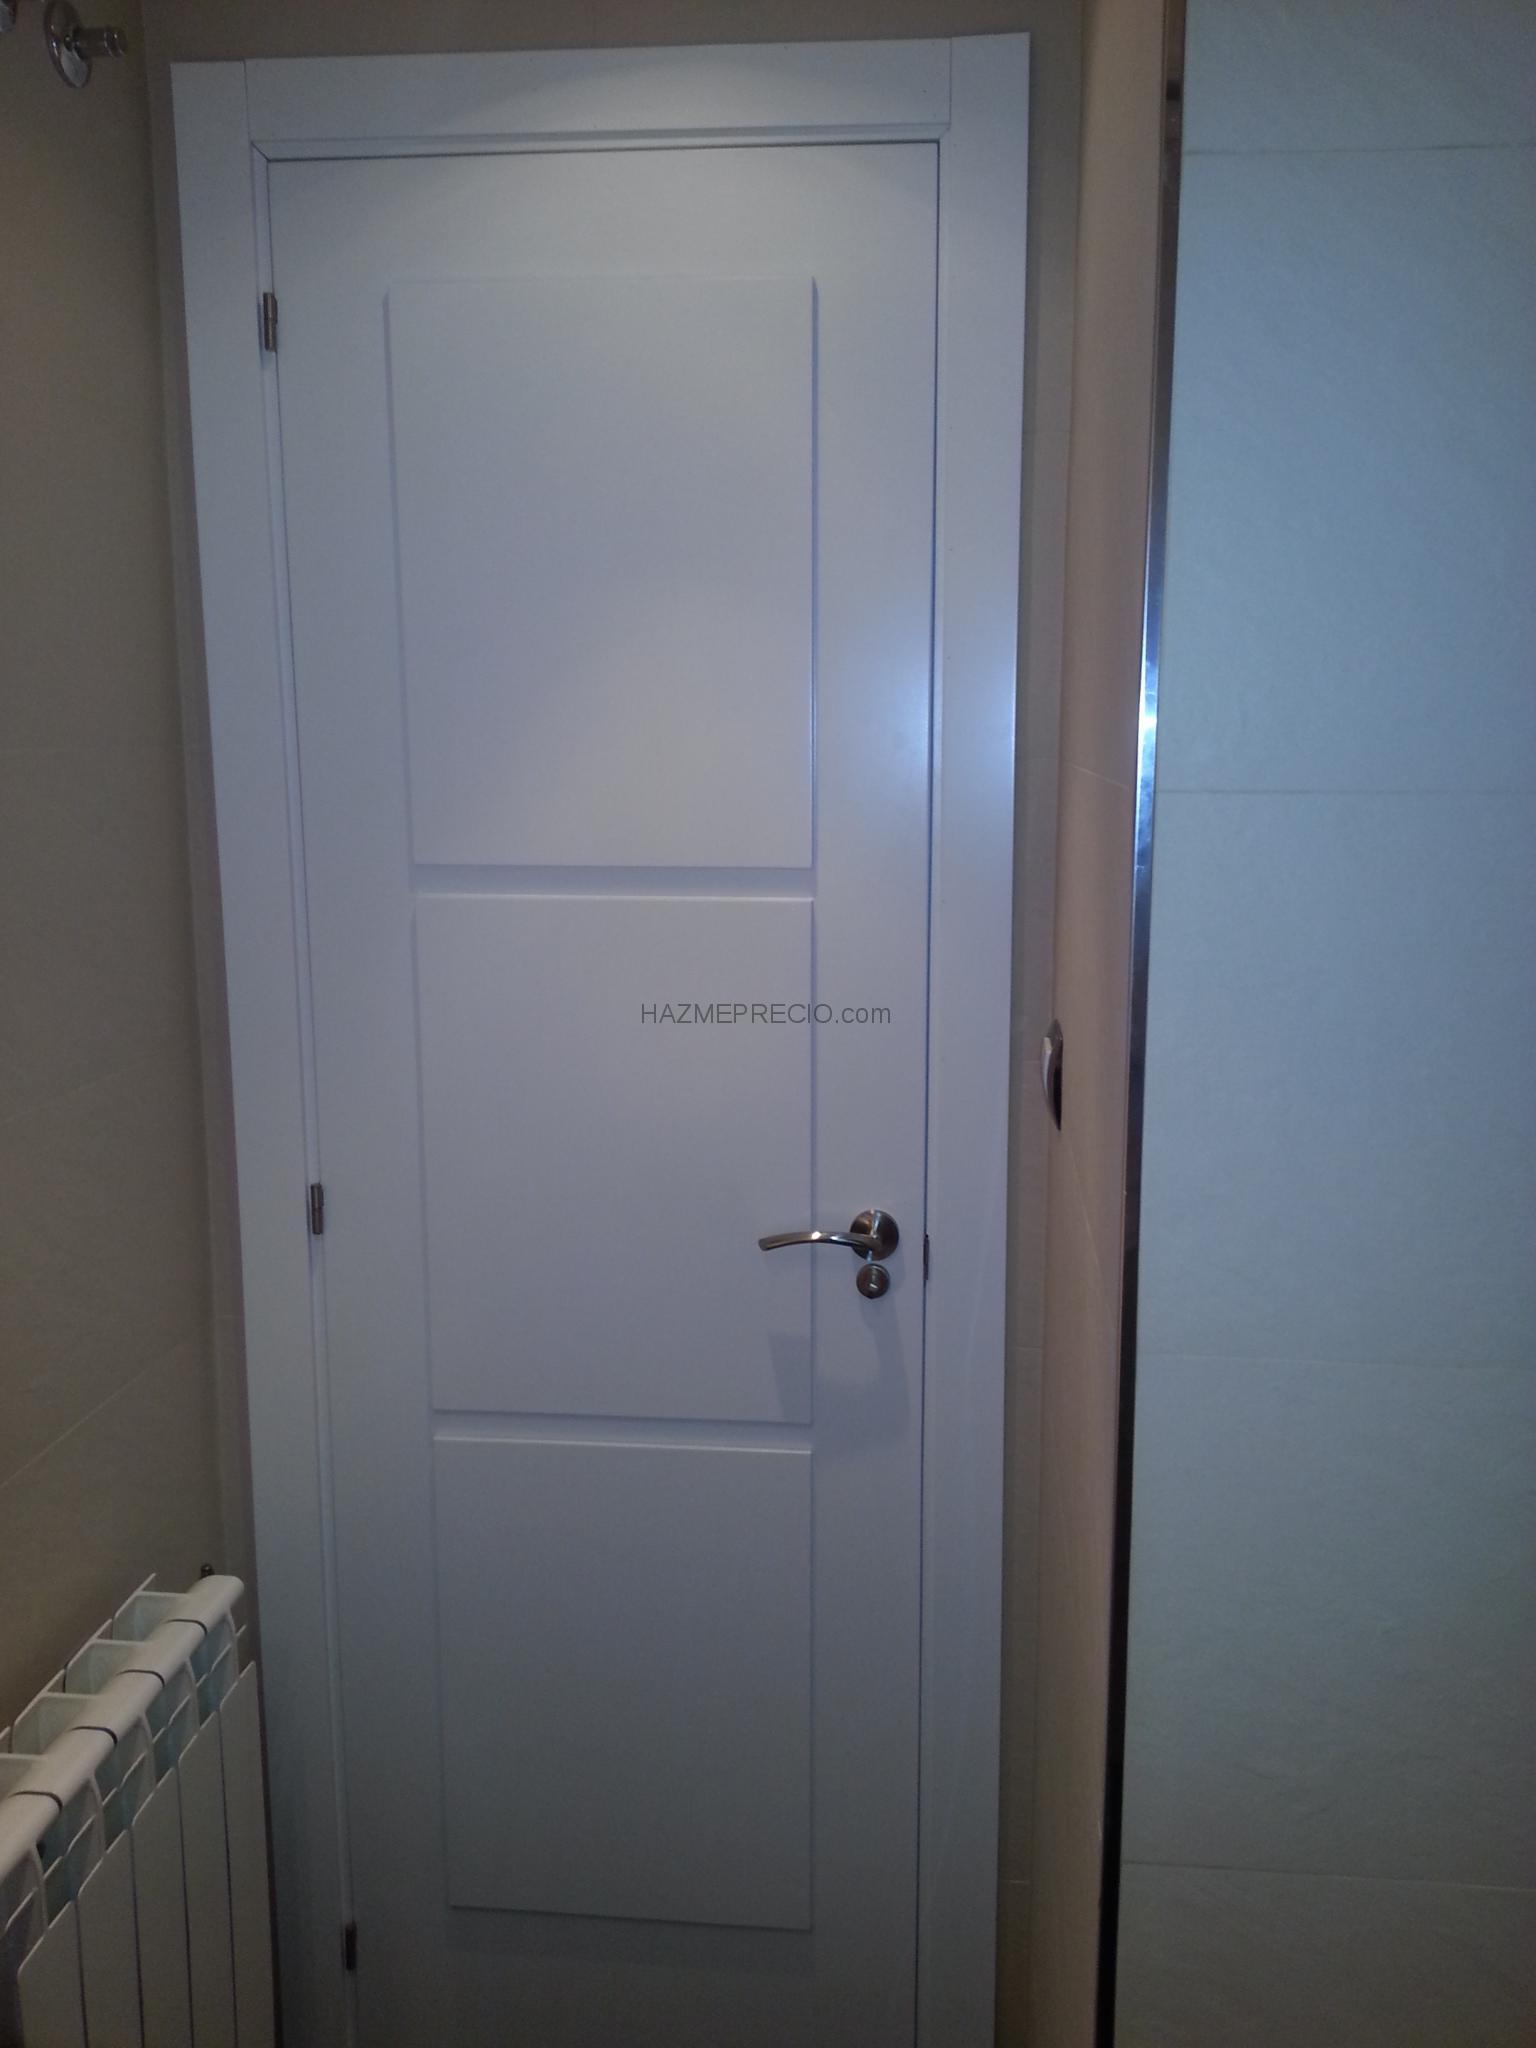 Presupuesto para instalacion de puertas interiores lacadas for Presupuesto puertas interior